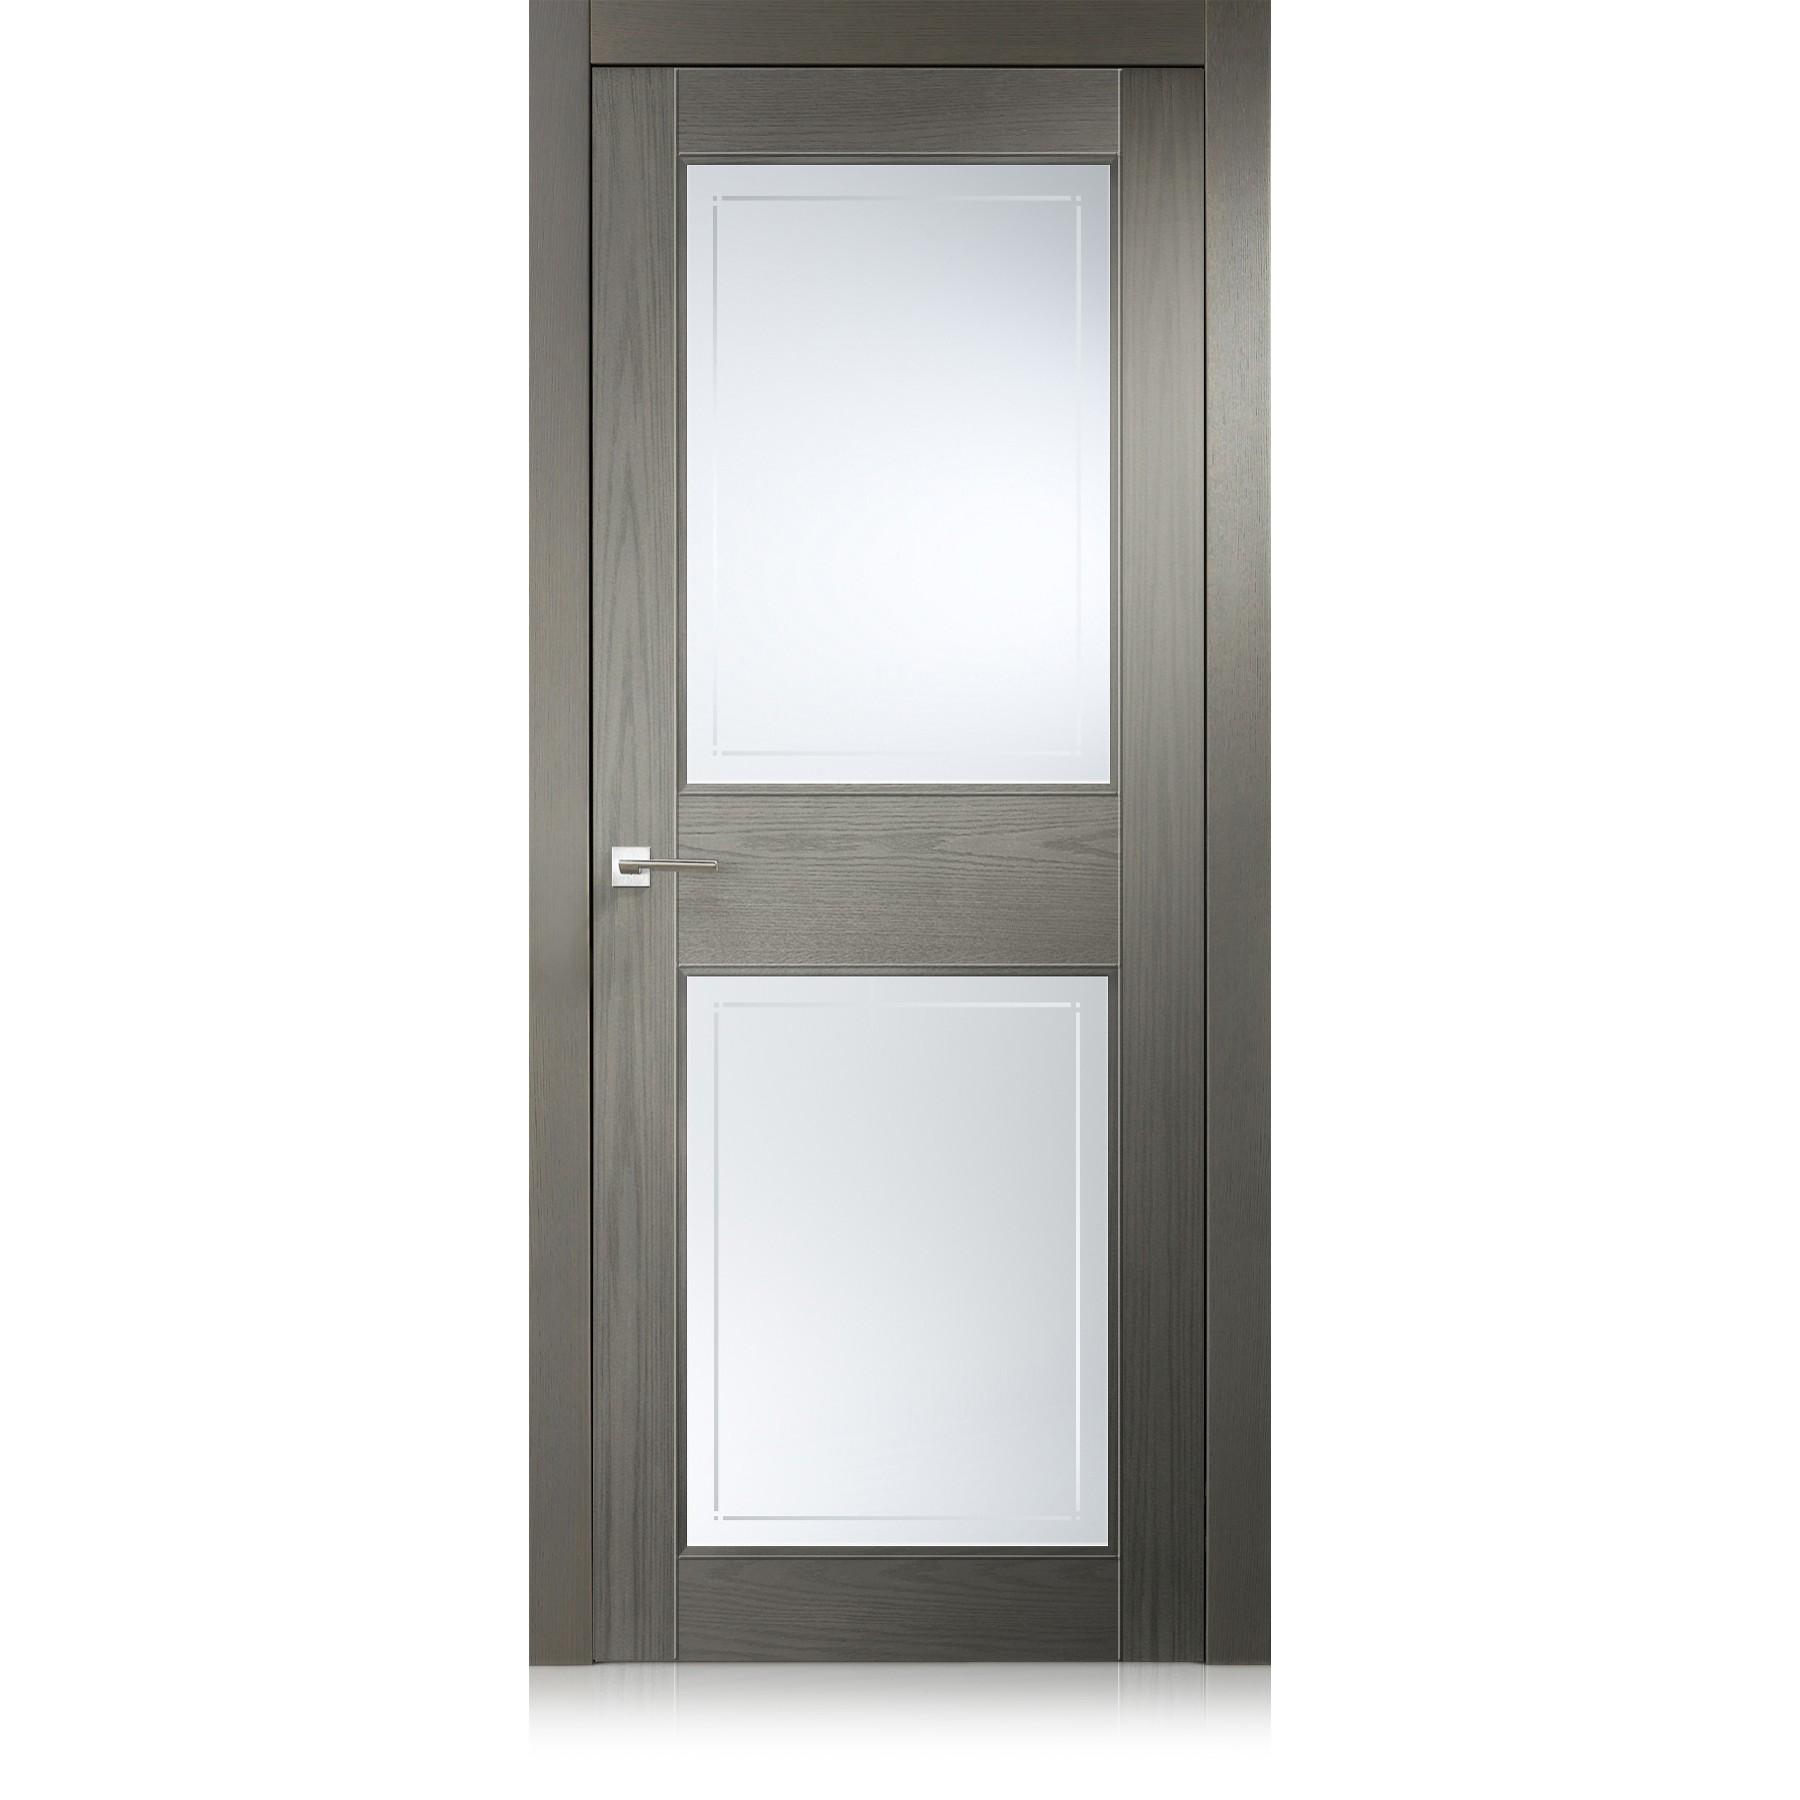 Porta Intaglio / 2 ecorovere grigio